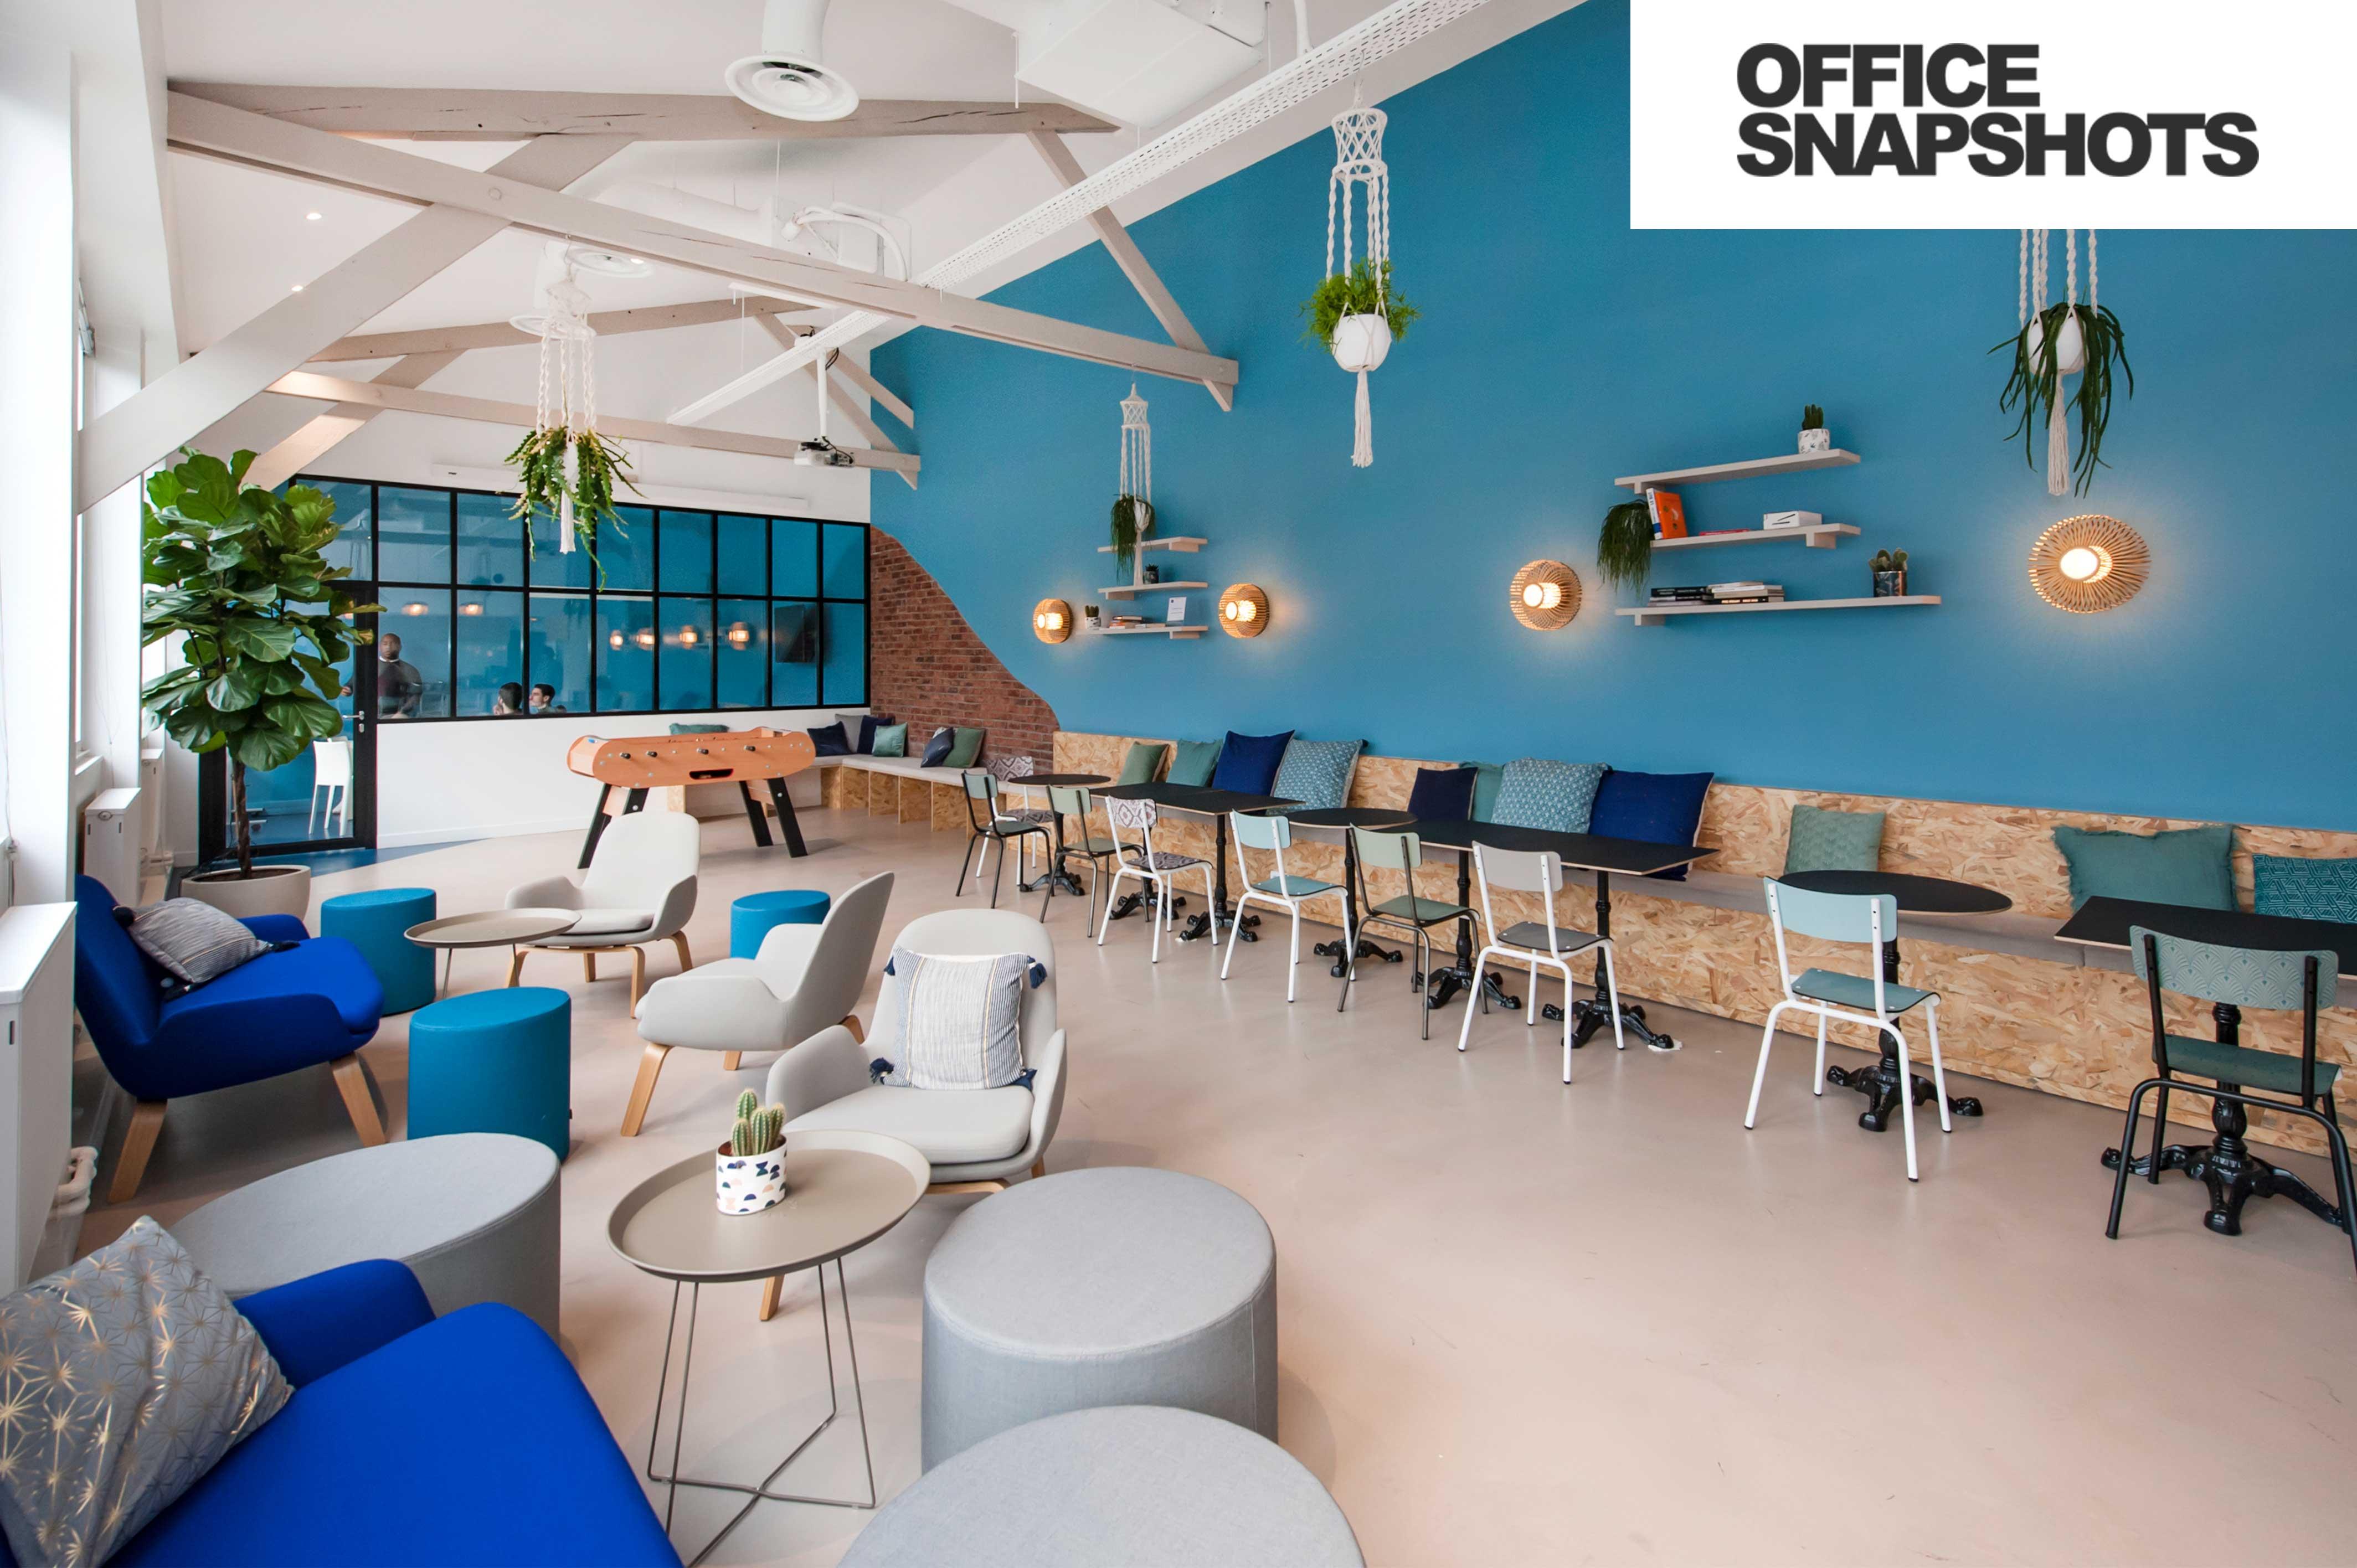 Les bureaux FoodChéri à l'honneur dans OfficeSnapshots